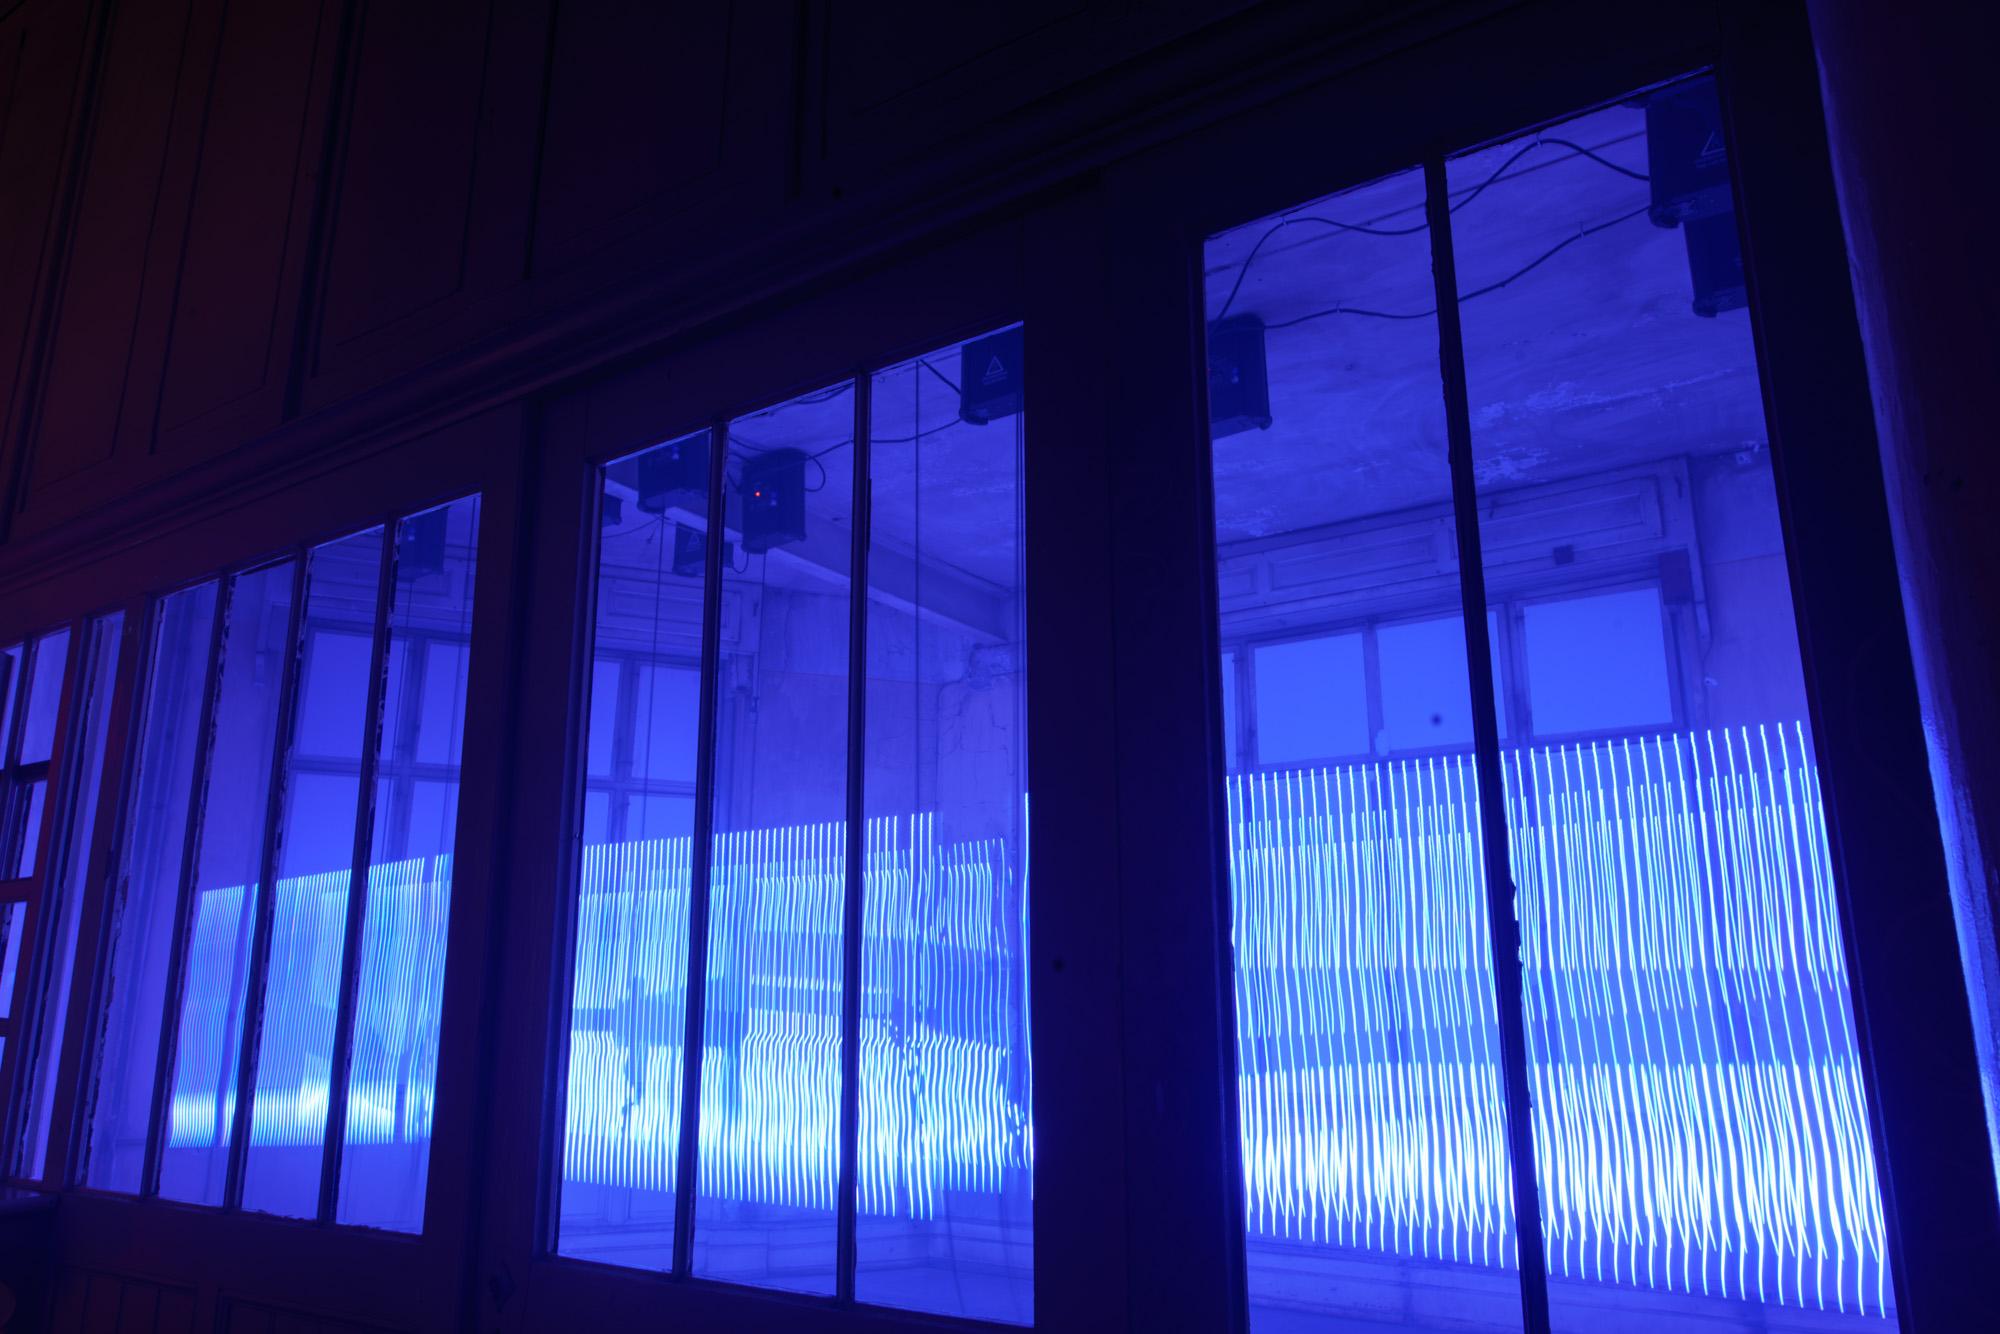 15-12-04 AV Exciters - SelEstArt © Bartosch Salmanski - www.128db.fr 0019